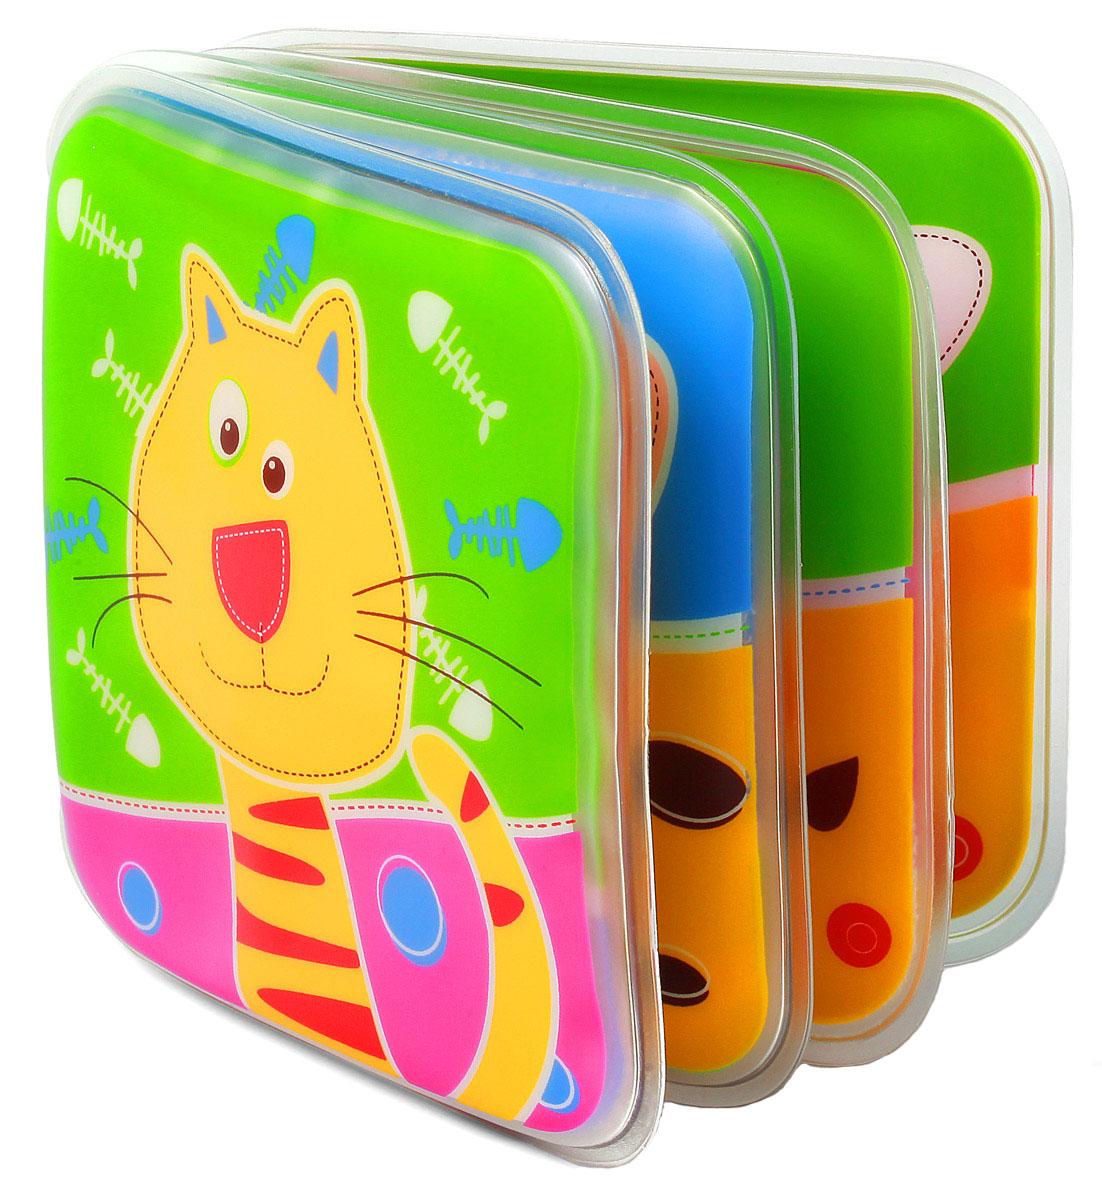 BabyOno Книжка-игрушка891Книжка-игрушка BabyOno - это 8 цветных мягких страниц, которые учат различать цвета и животных. На страничках книжки поселились животные, с которыми малыш с удовольствием познакомится во время купания. Книжечка подойдет не только для ванной, ее можно использовать в обычной игре малыша в комнате или на прогулке. Яркие странички книжки пищат при нажатии, чем привлекут внимание ребенка. Книжка-пищалка развивает мануальные способности. Интенсивные цвета и формы вызывают интерес и привлекают внимание ребенка. Книжка изготовлена из безопасных, прочных и нетоксичных материалов. Не содержит бисфенол А. Товар сертифицирован.